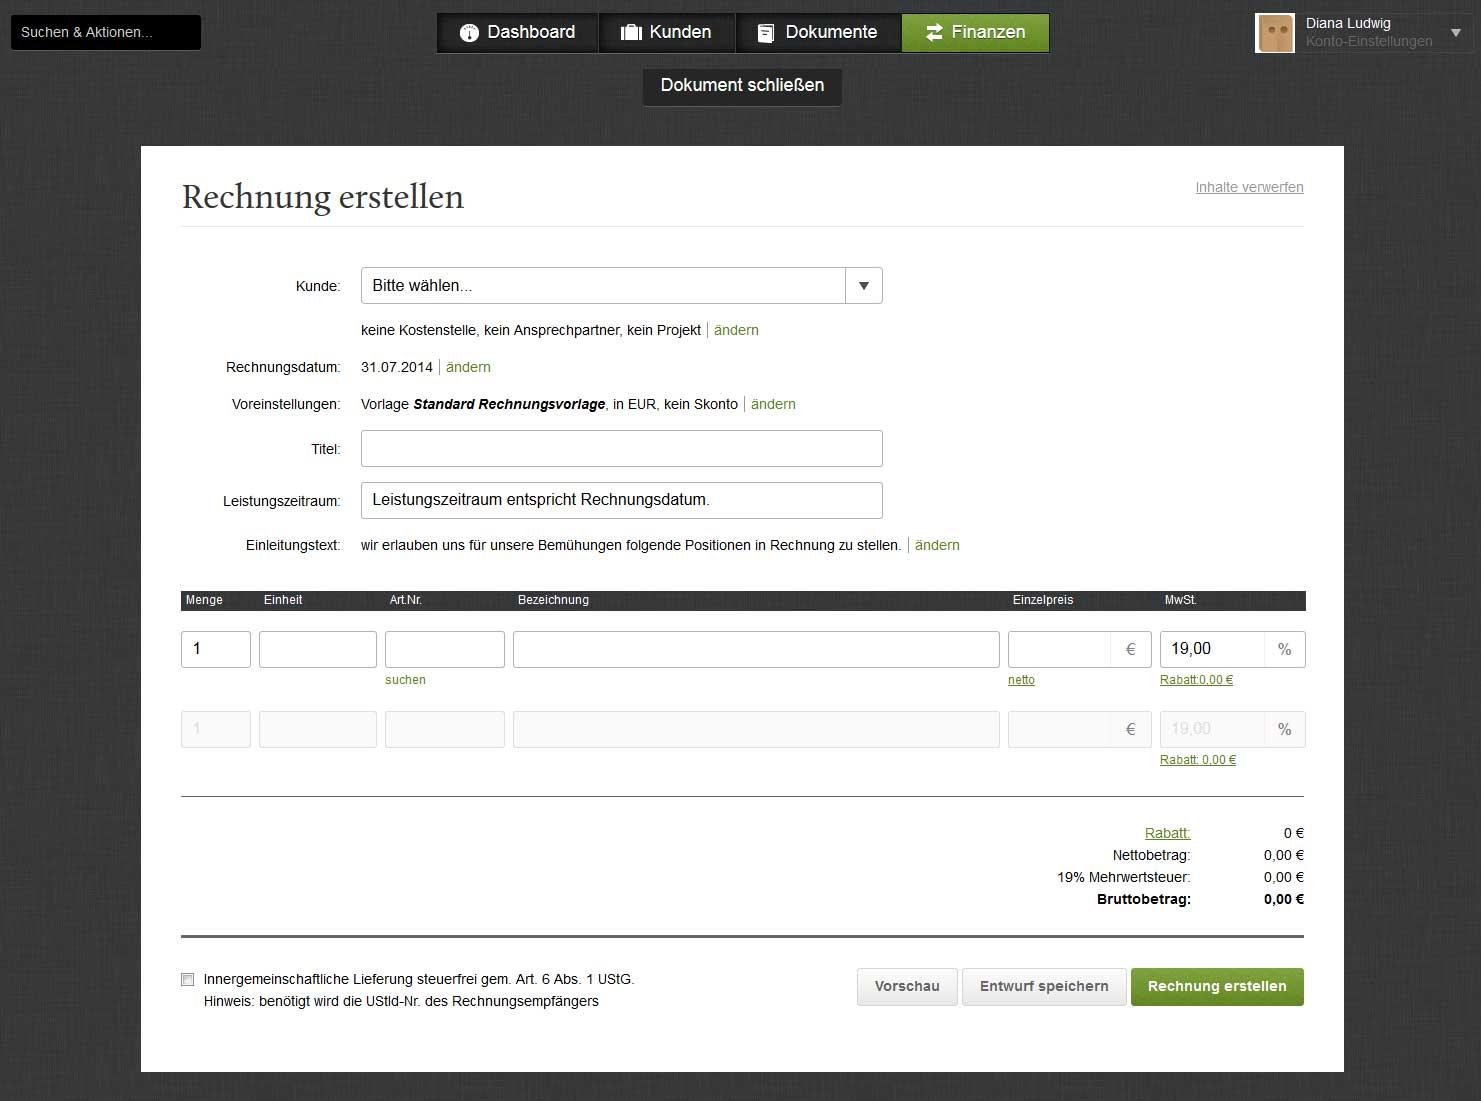 Screenshot der Rechnung erstellen Seite des Rechnungsprogramms FastBill